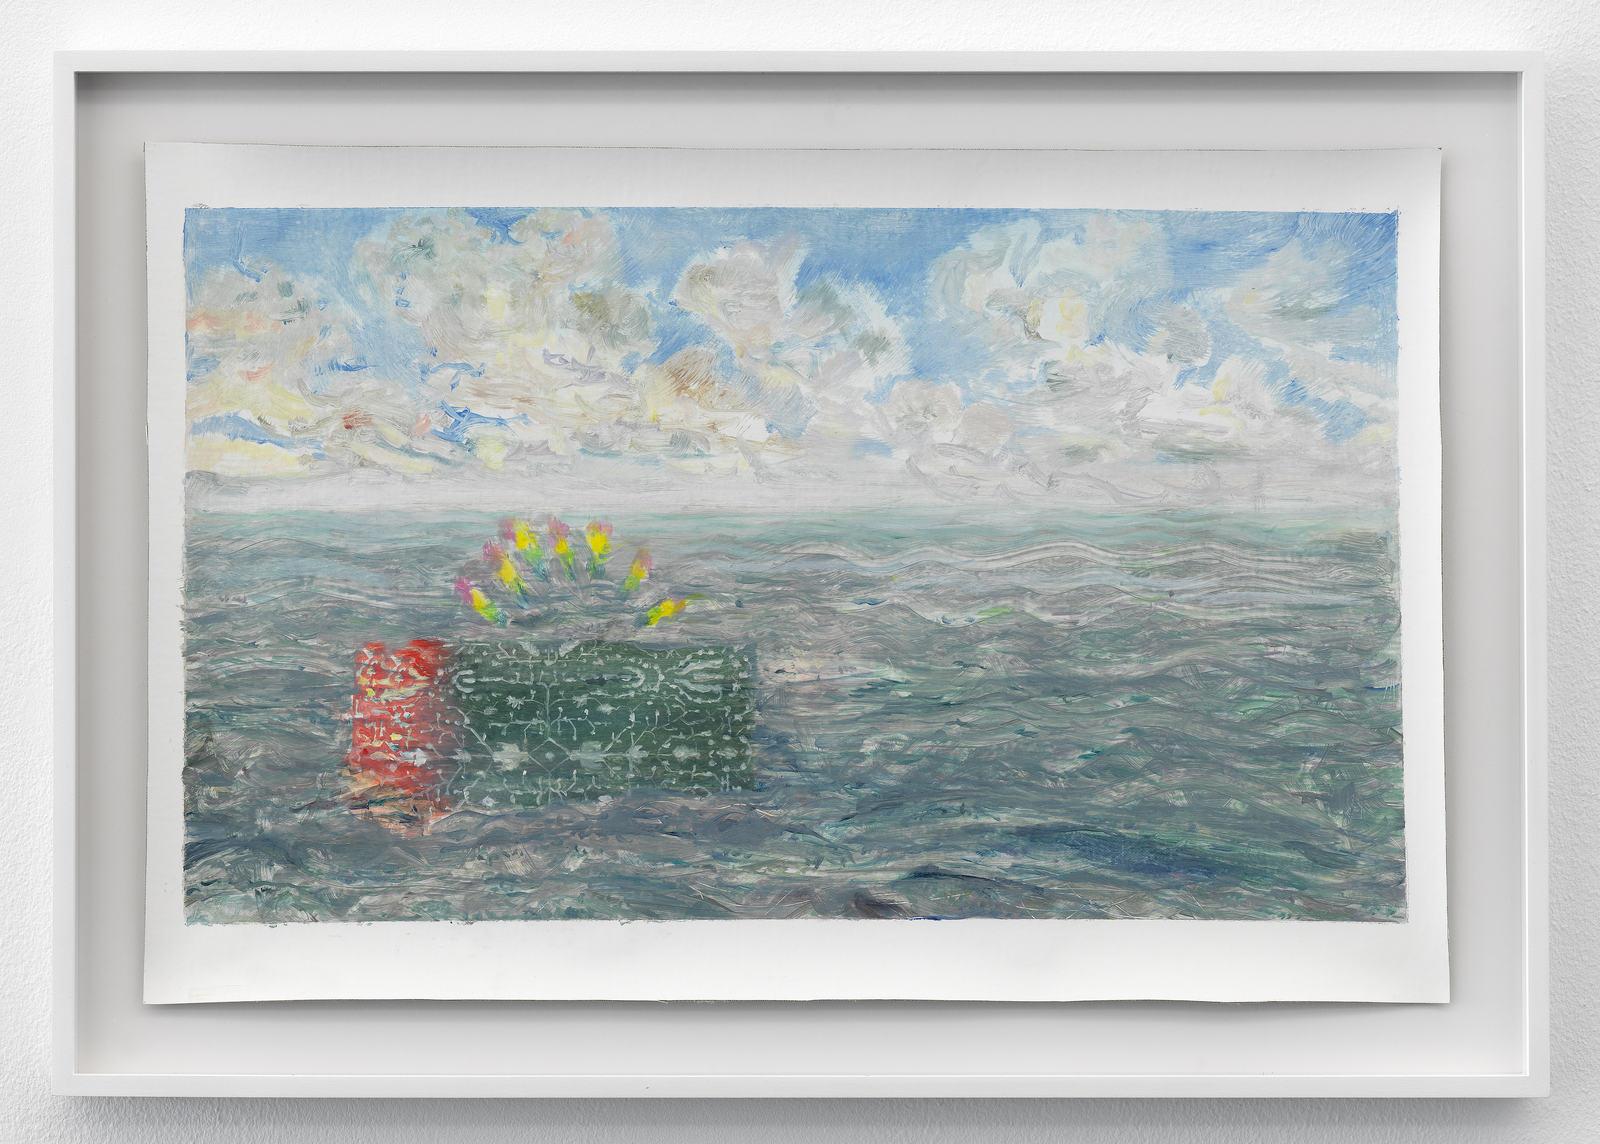 Femmy Otten, Eyes on the Horizon, no. 4, 2016, oil on canvas, framed, 43 x 61,5 cm